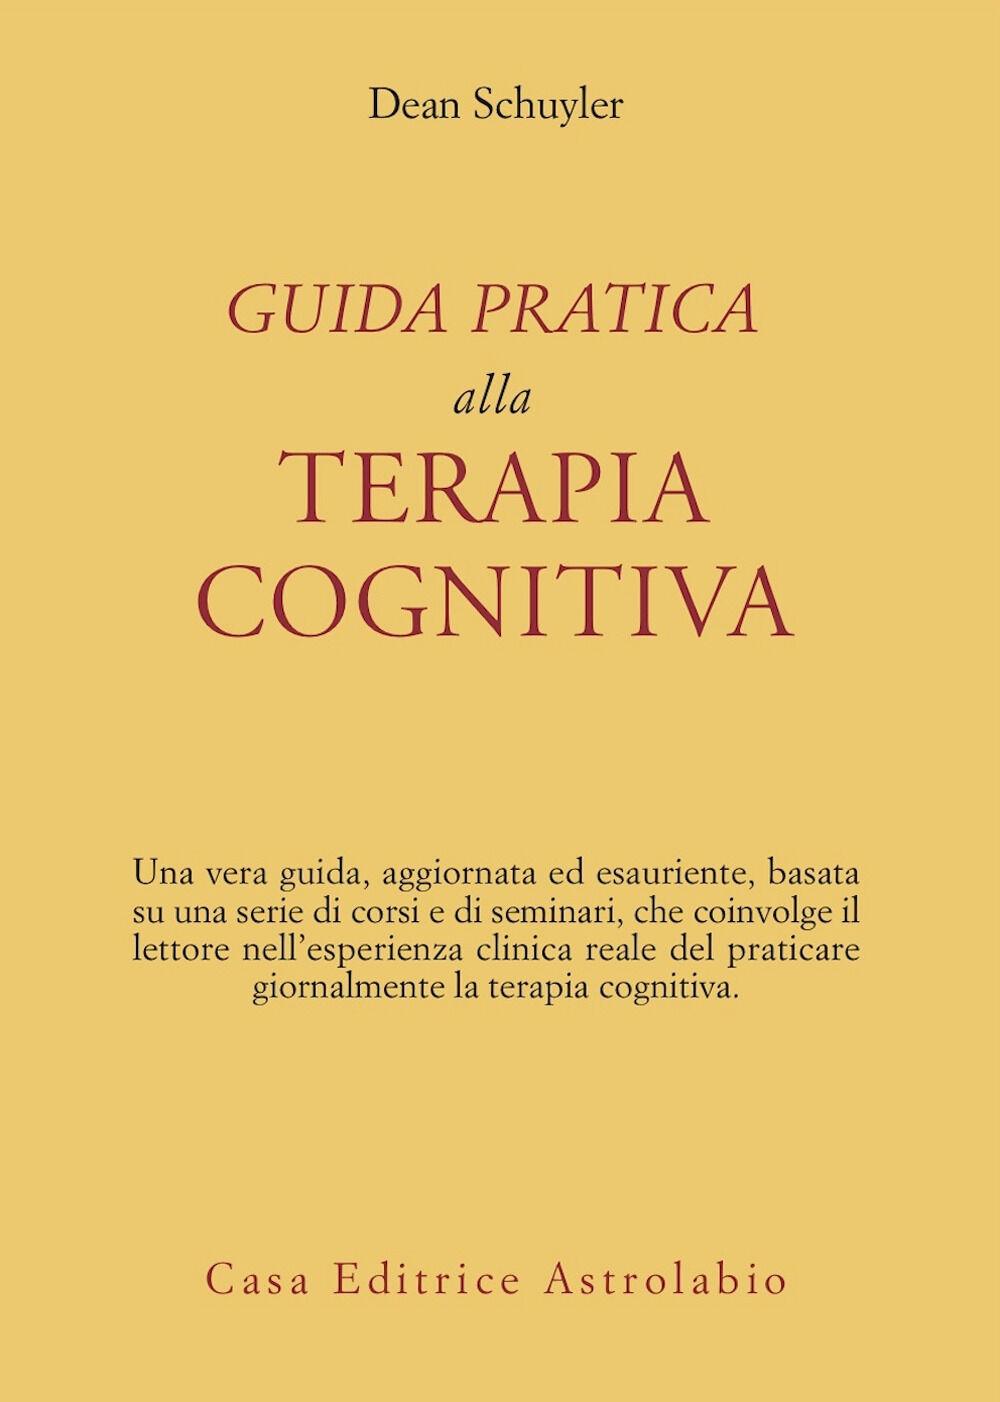 Guida pratica alla terapia cognitiva